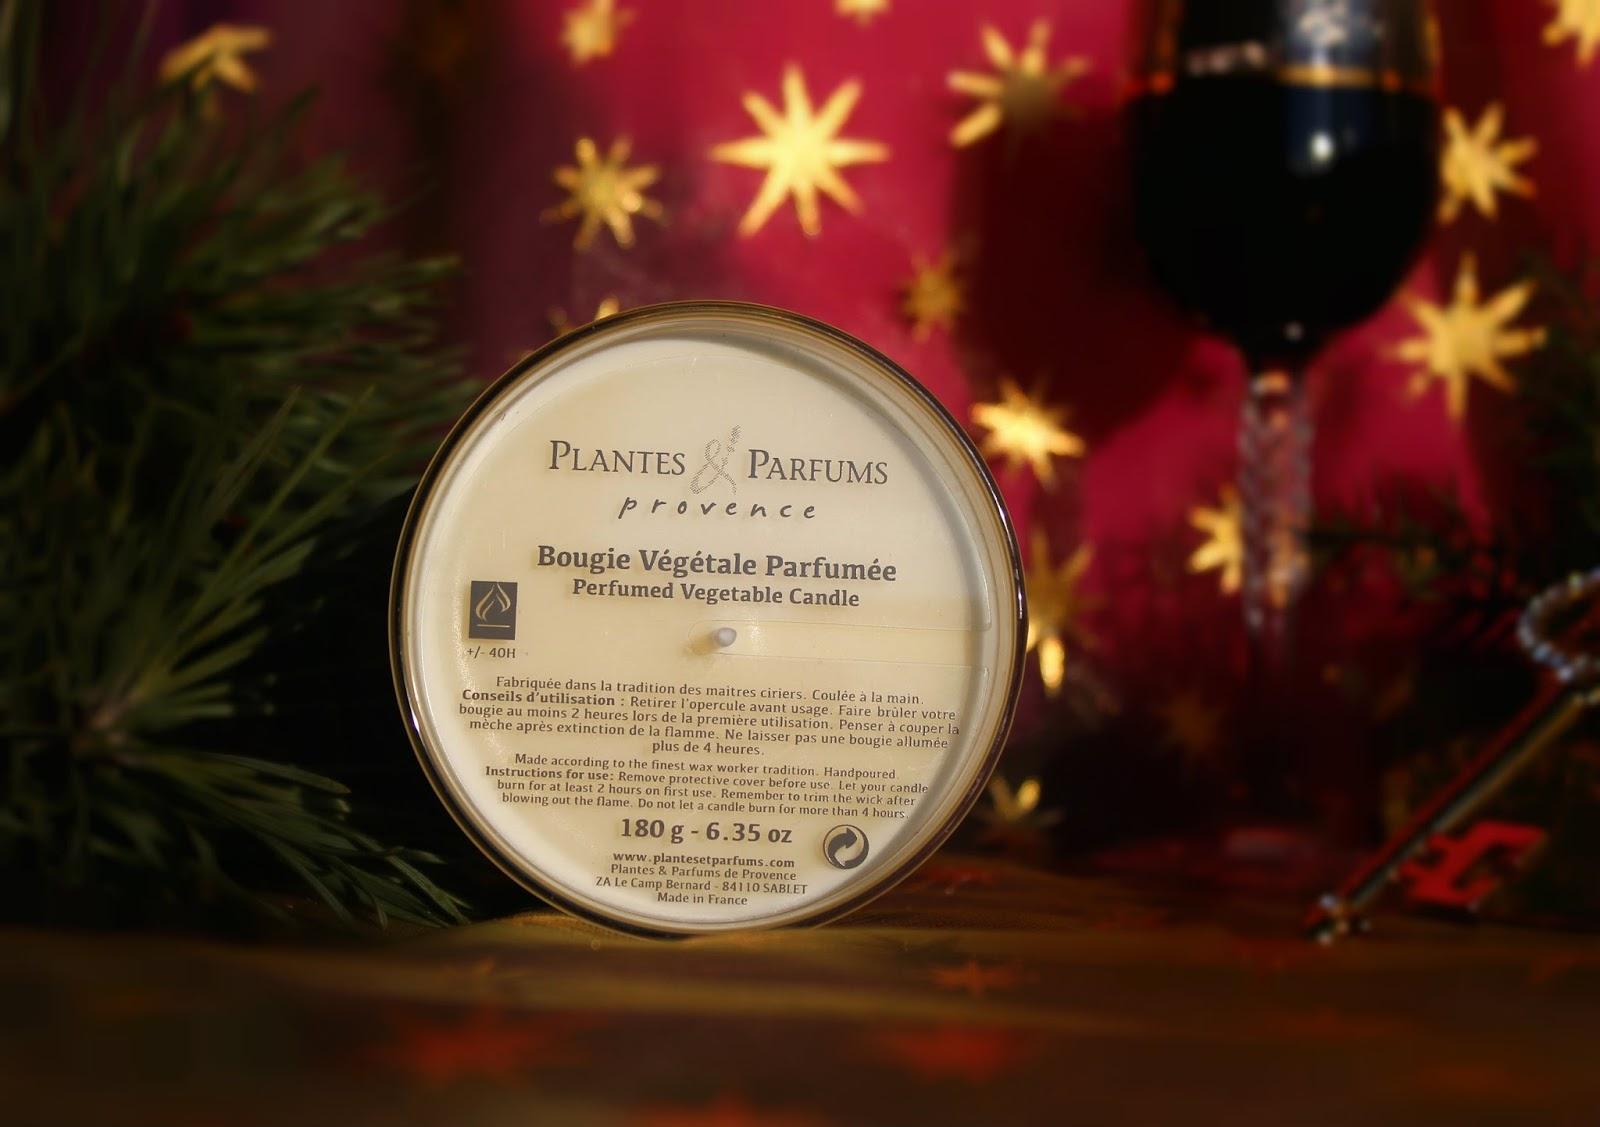 plantes et parfums de provence divine gourmandise perfumed. Black Bedroom Furniture Sets. Home Design Ideas